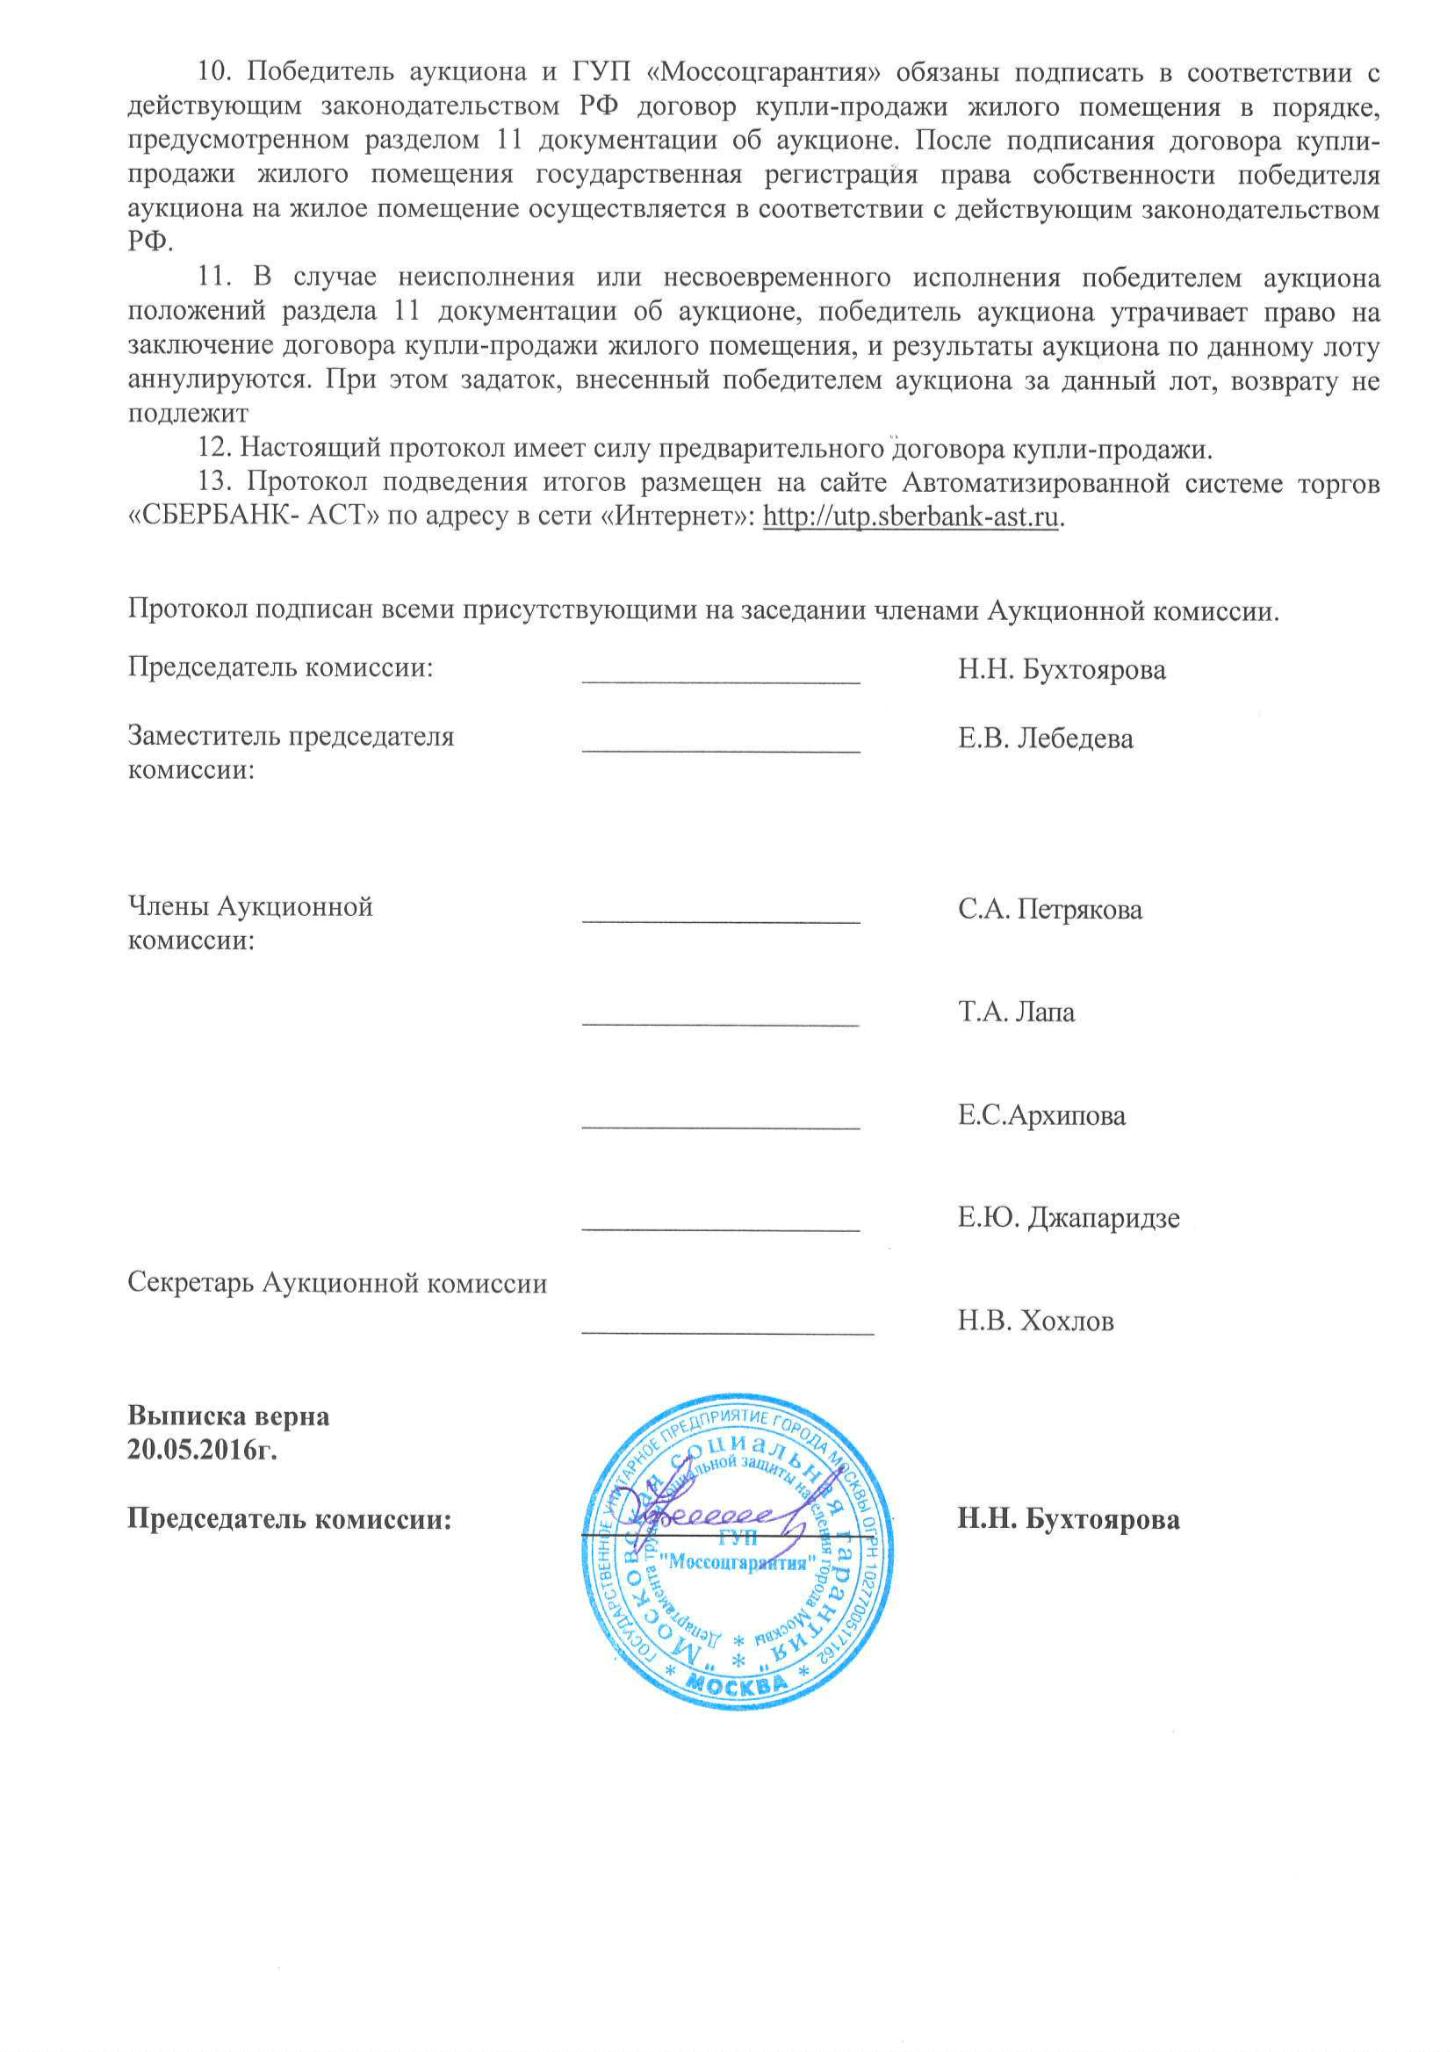 Протокол аукциона гарантирует, что договор купли-продажи заключат именно с вами